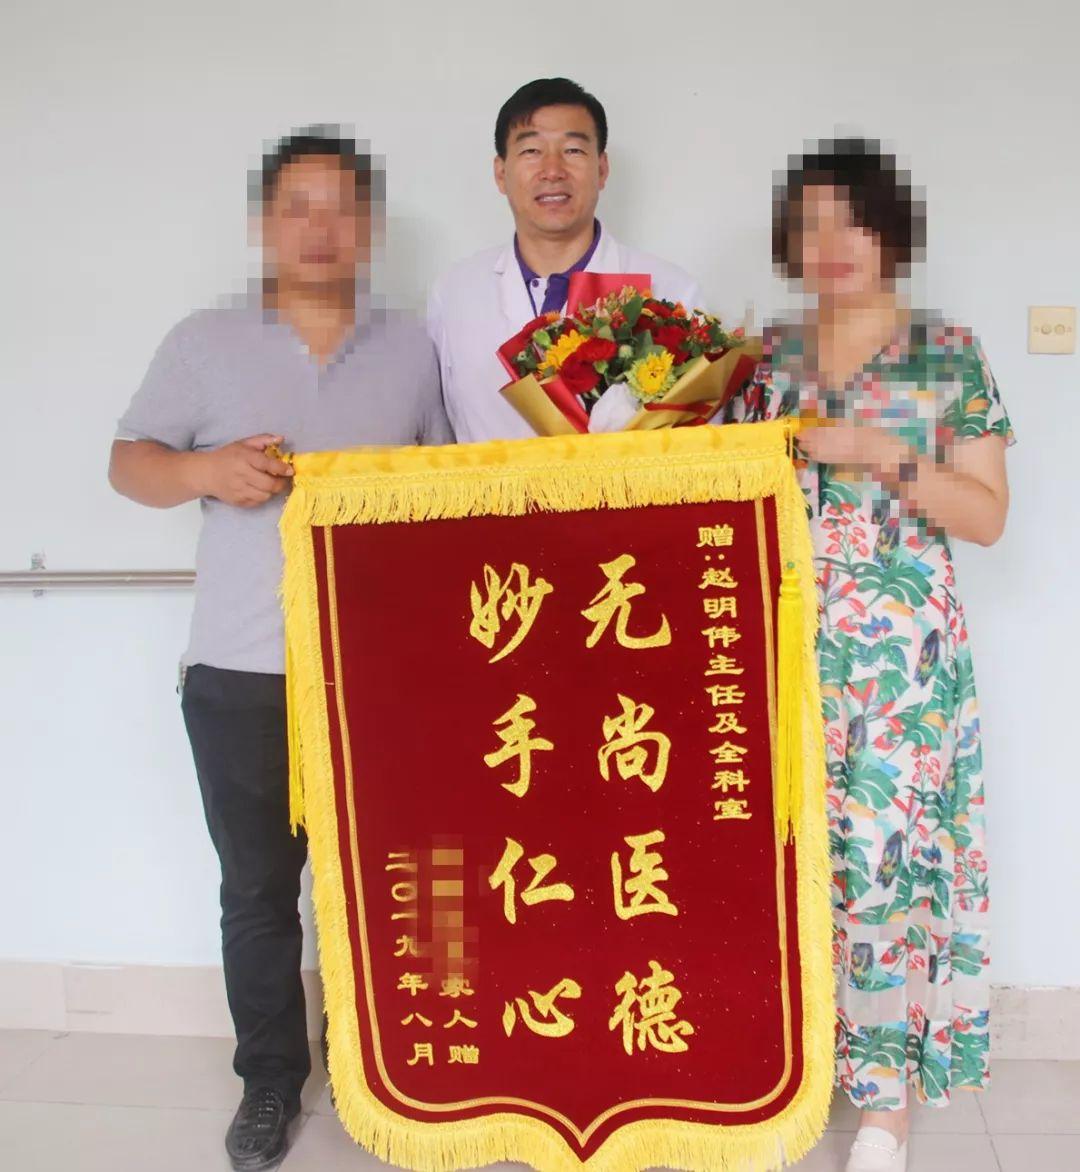 感恩,手术十年后男子和妻子一起送来鲜花和锦旗